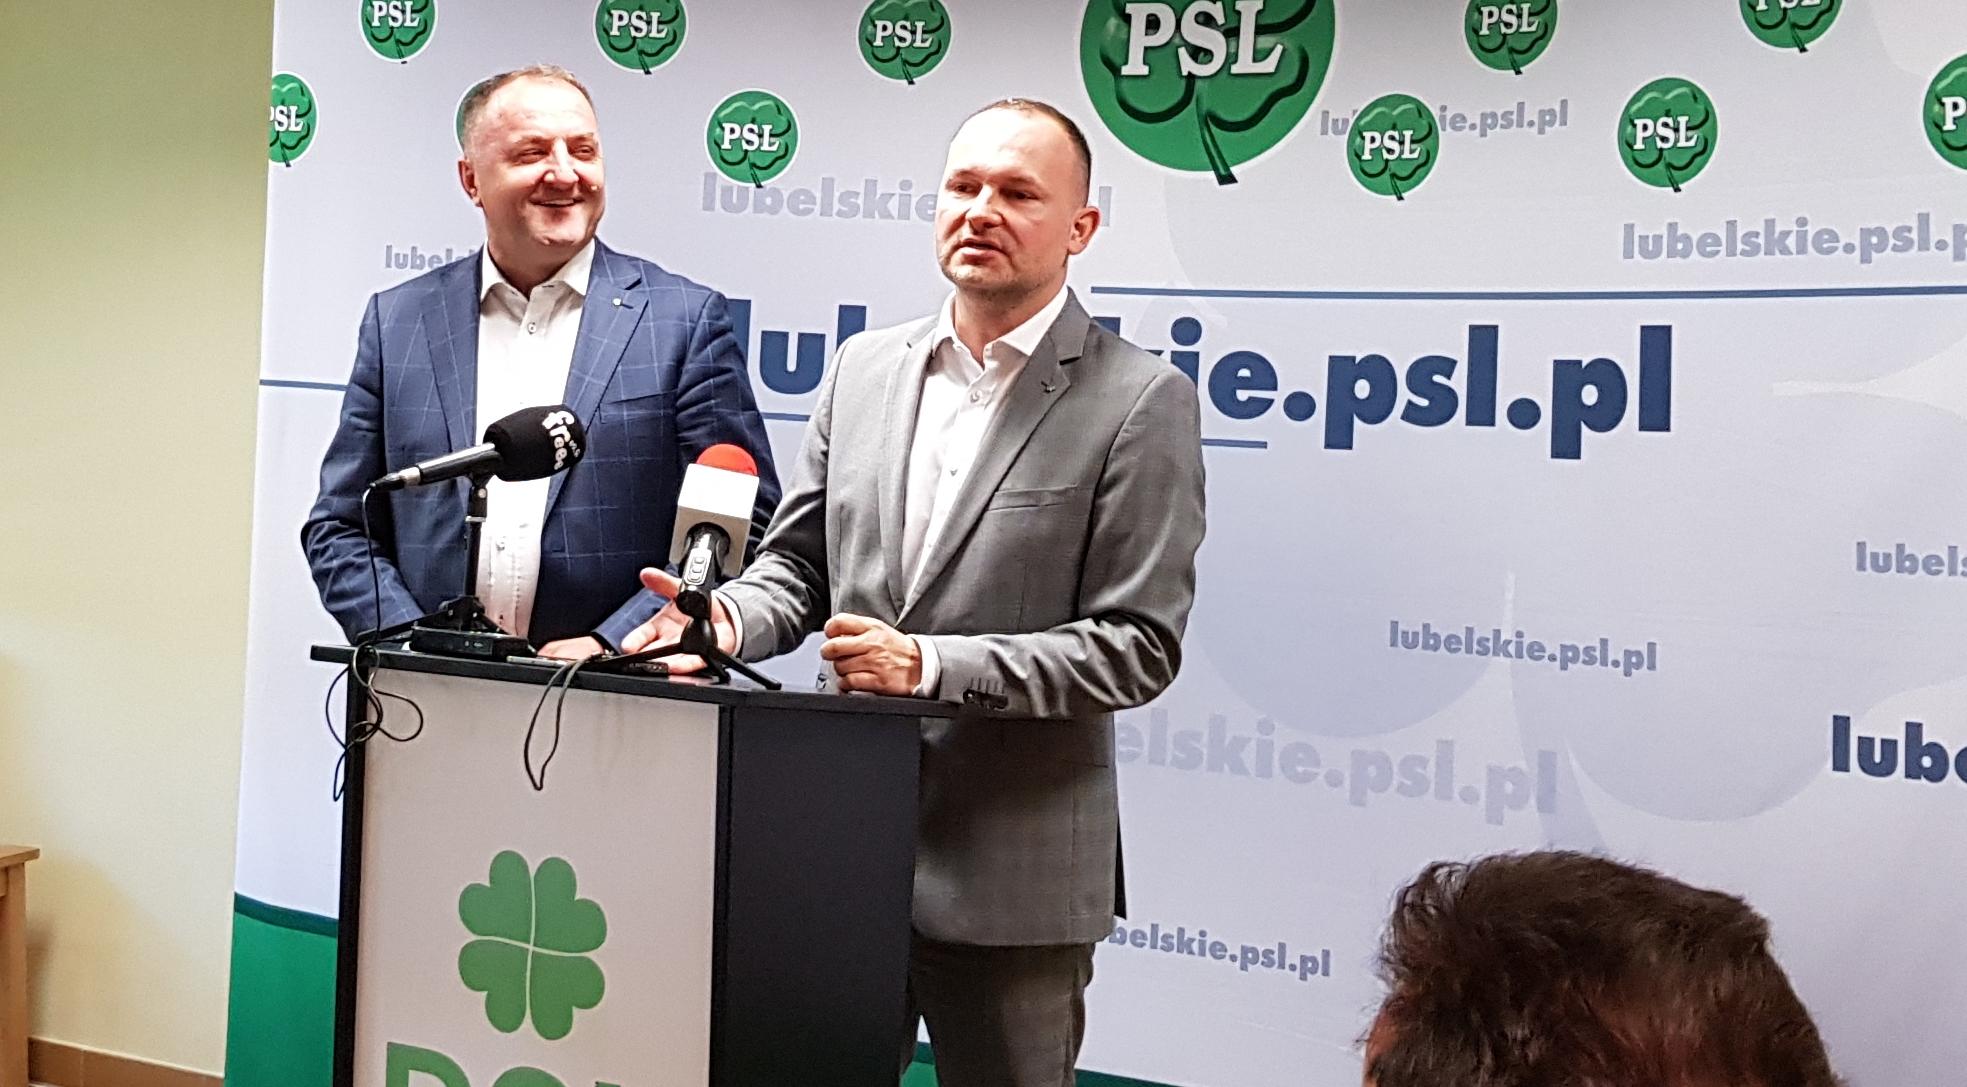 Polskie Stronnictwo Ludowe staje w obronie radnych sejmiku wojewódzkiego Prawa i Sprawiedliwości.